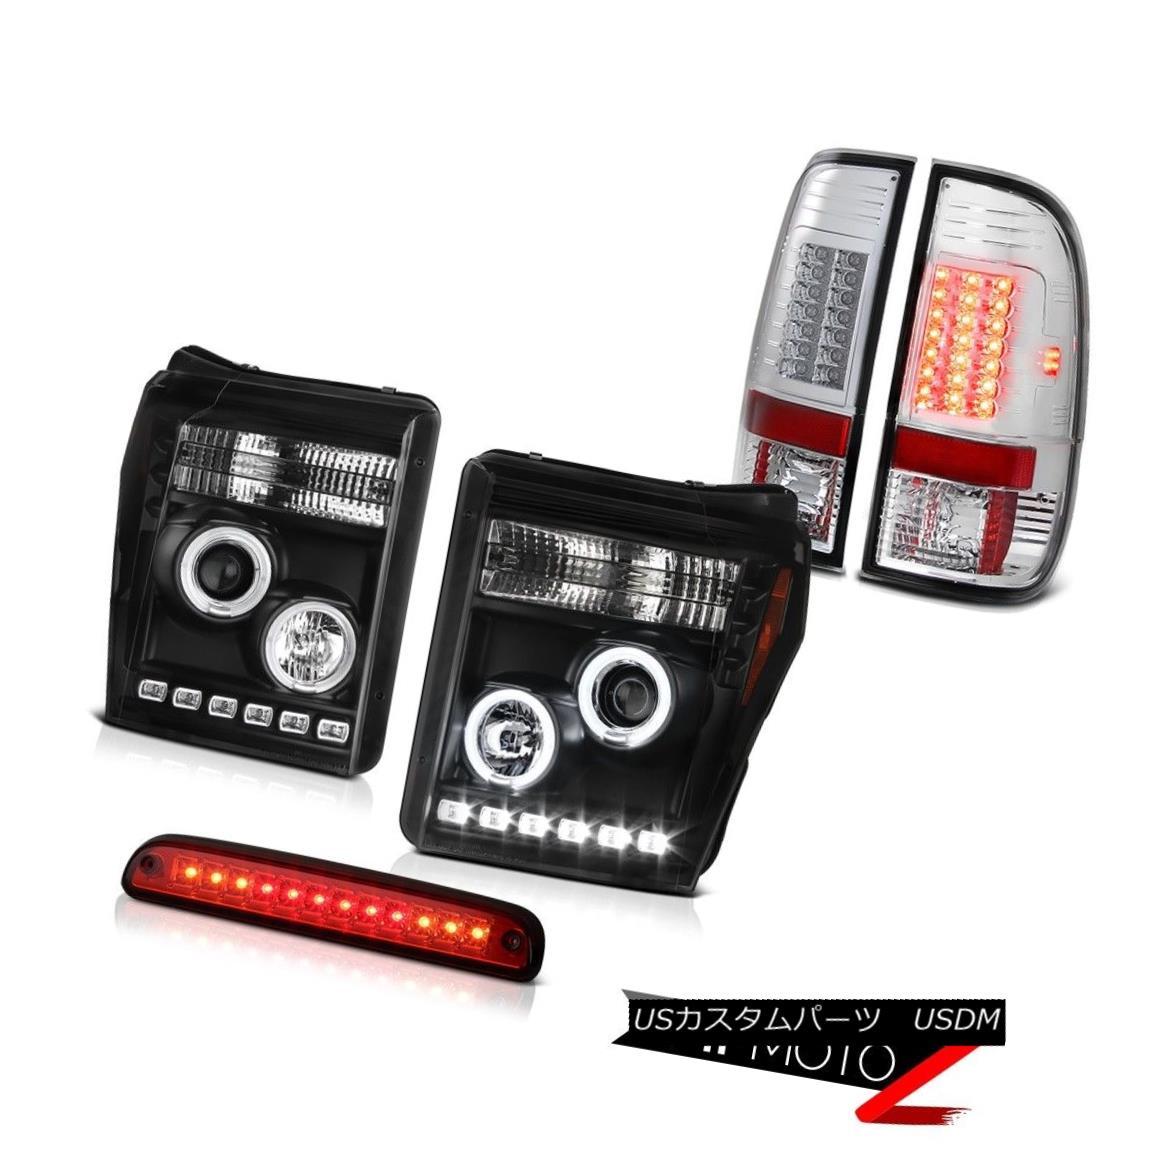 ヘッドライト 2011-2016 Ford F-350 Roof Cargo Light Euro Clear Taillamps Inky Black Headlights 2011年?2016年フォードF-350ルーフカーゴライトユーロクリアタイルランプインキブラックヘッドライト